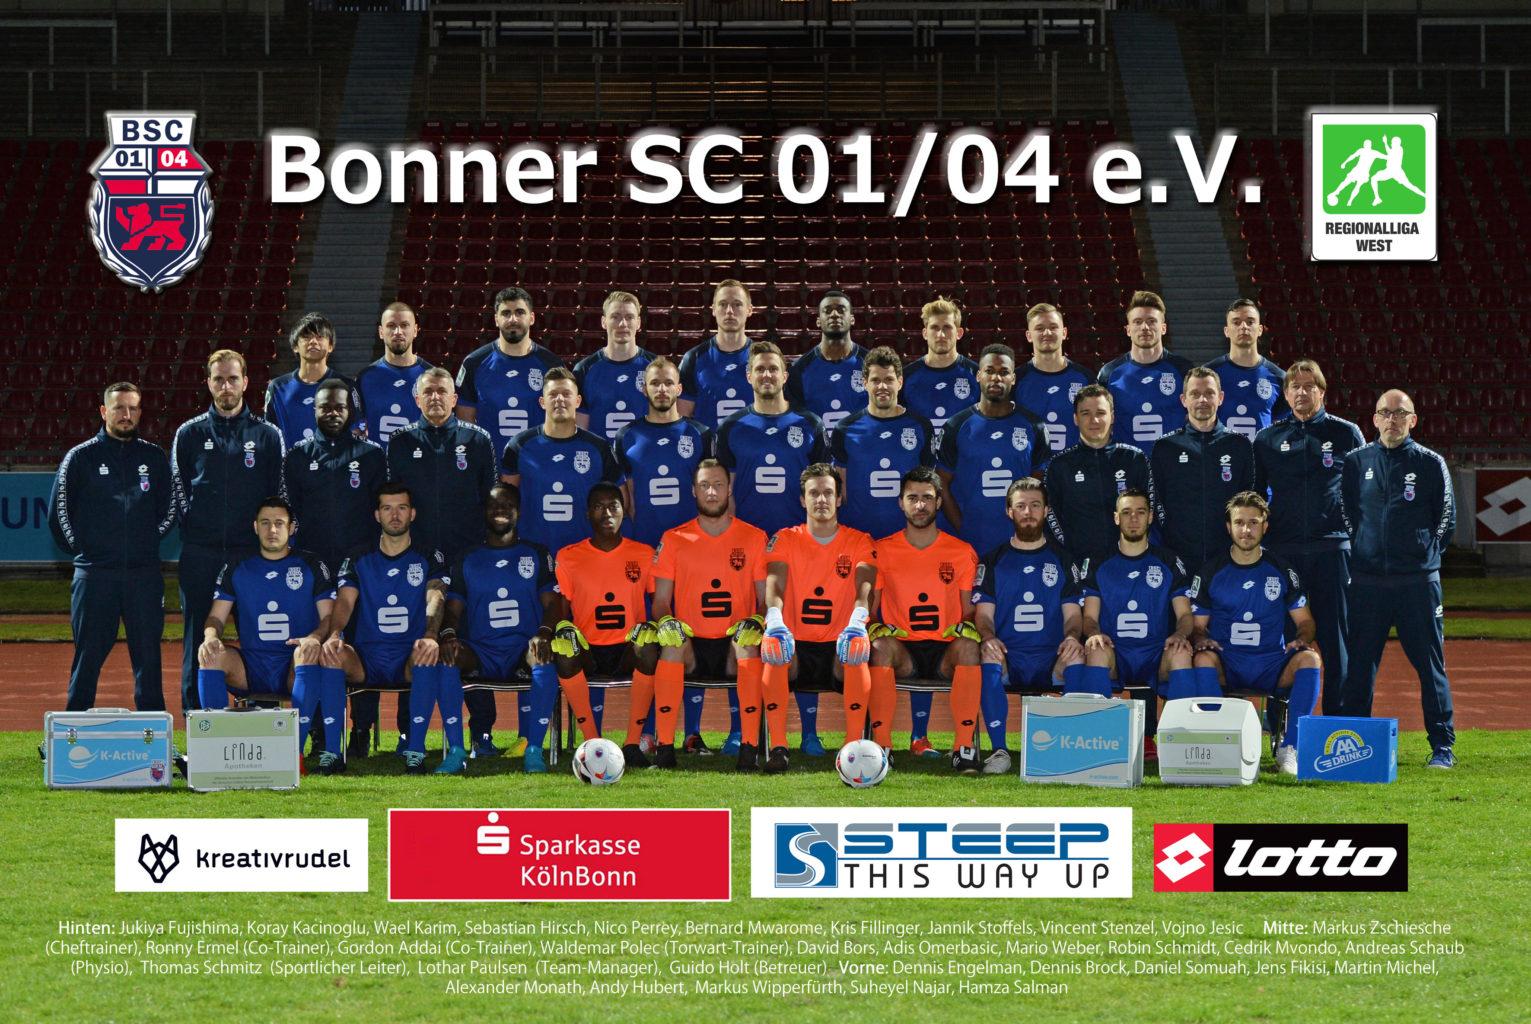 Mannschaftsfoto 2019-02-ß9 BSC Regionalliga Endversion